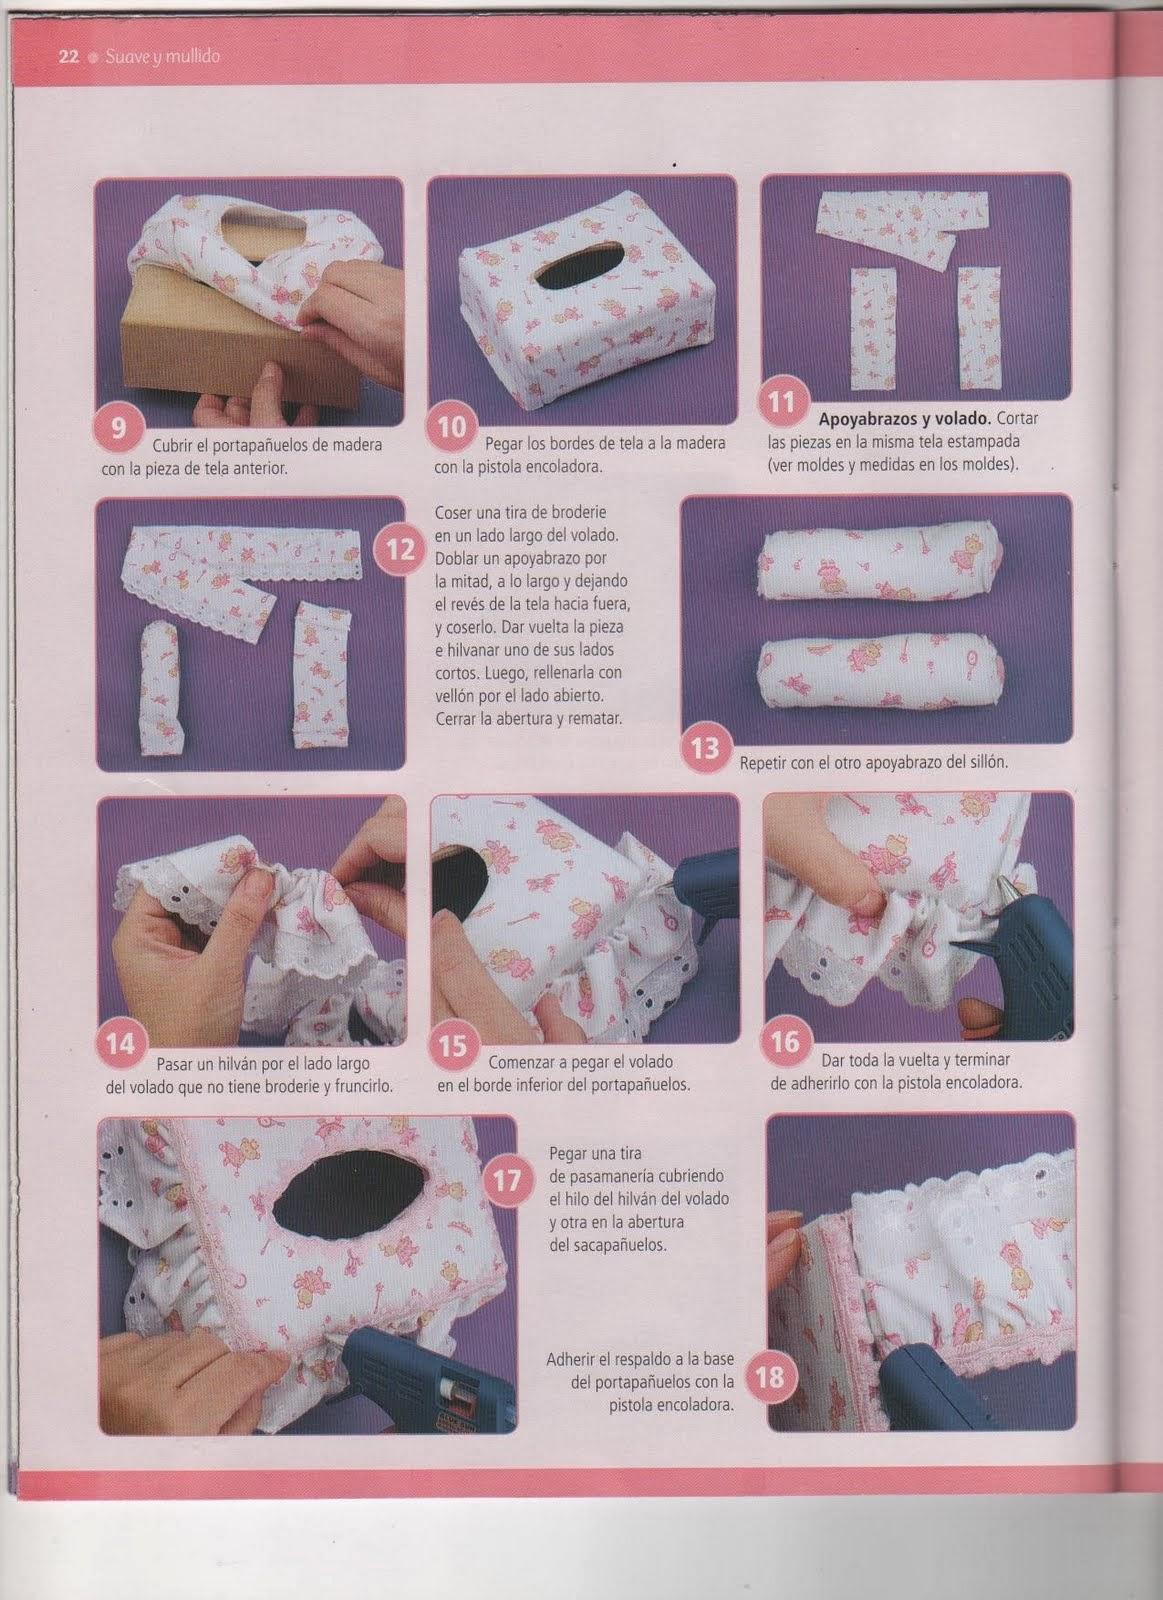 Как сделать из бумаги для кукол всякие вещи фото